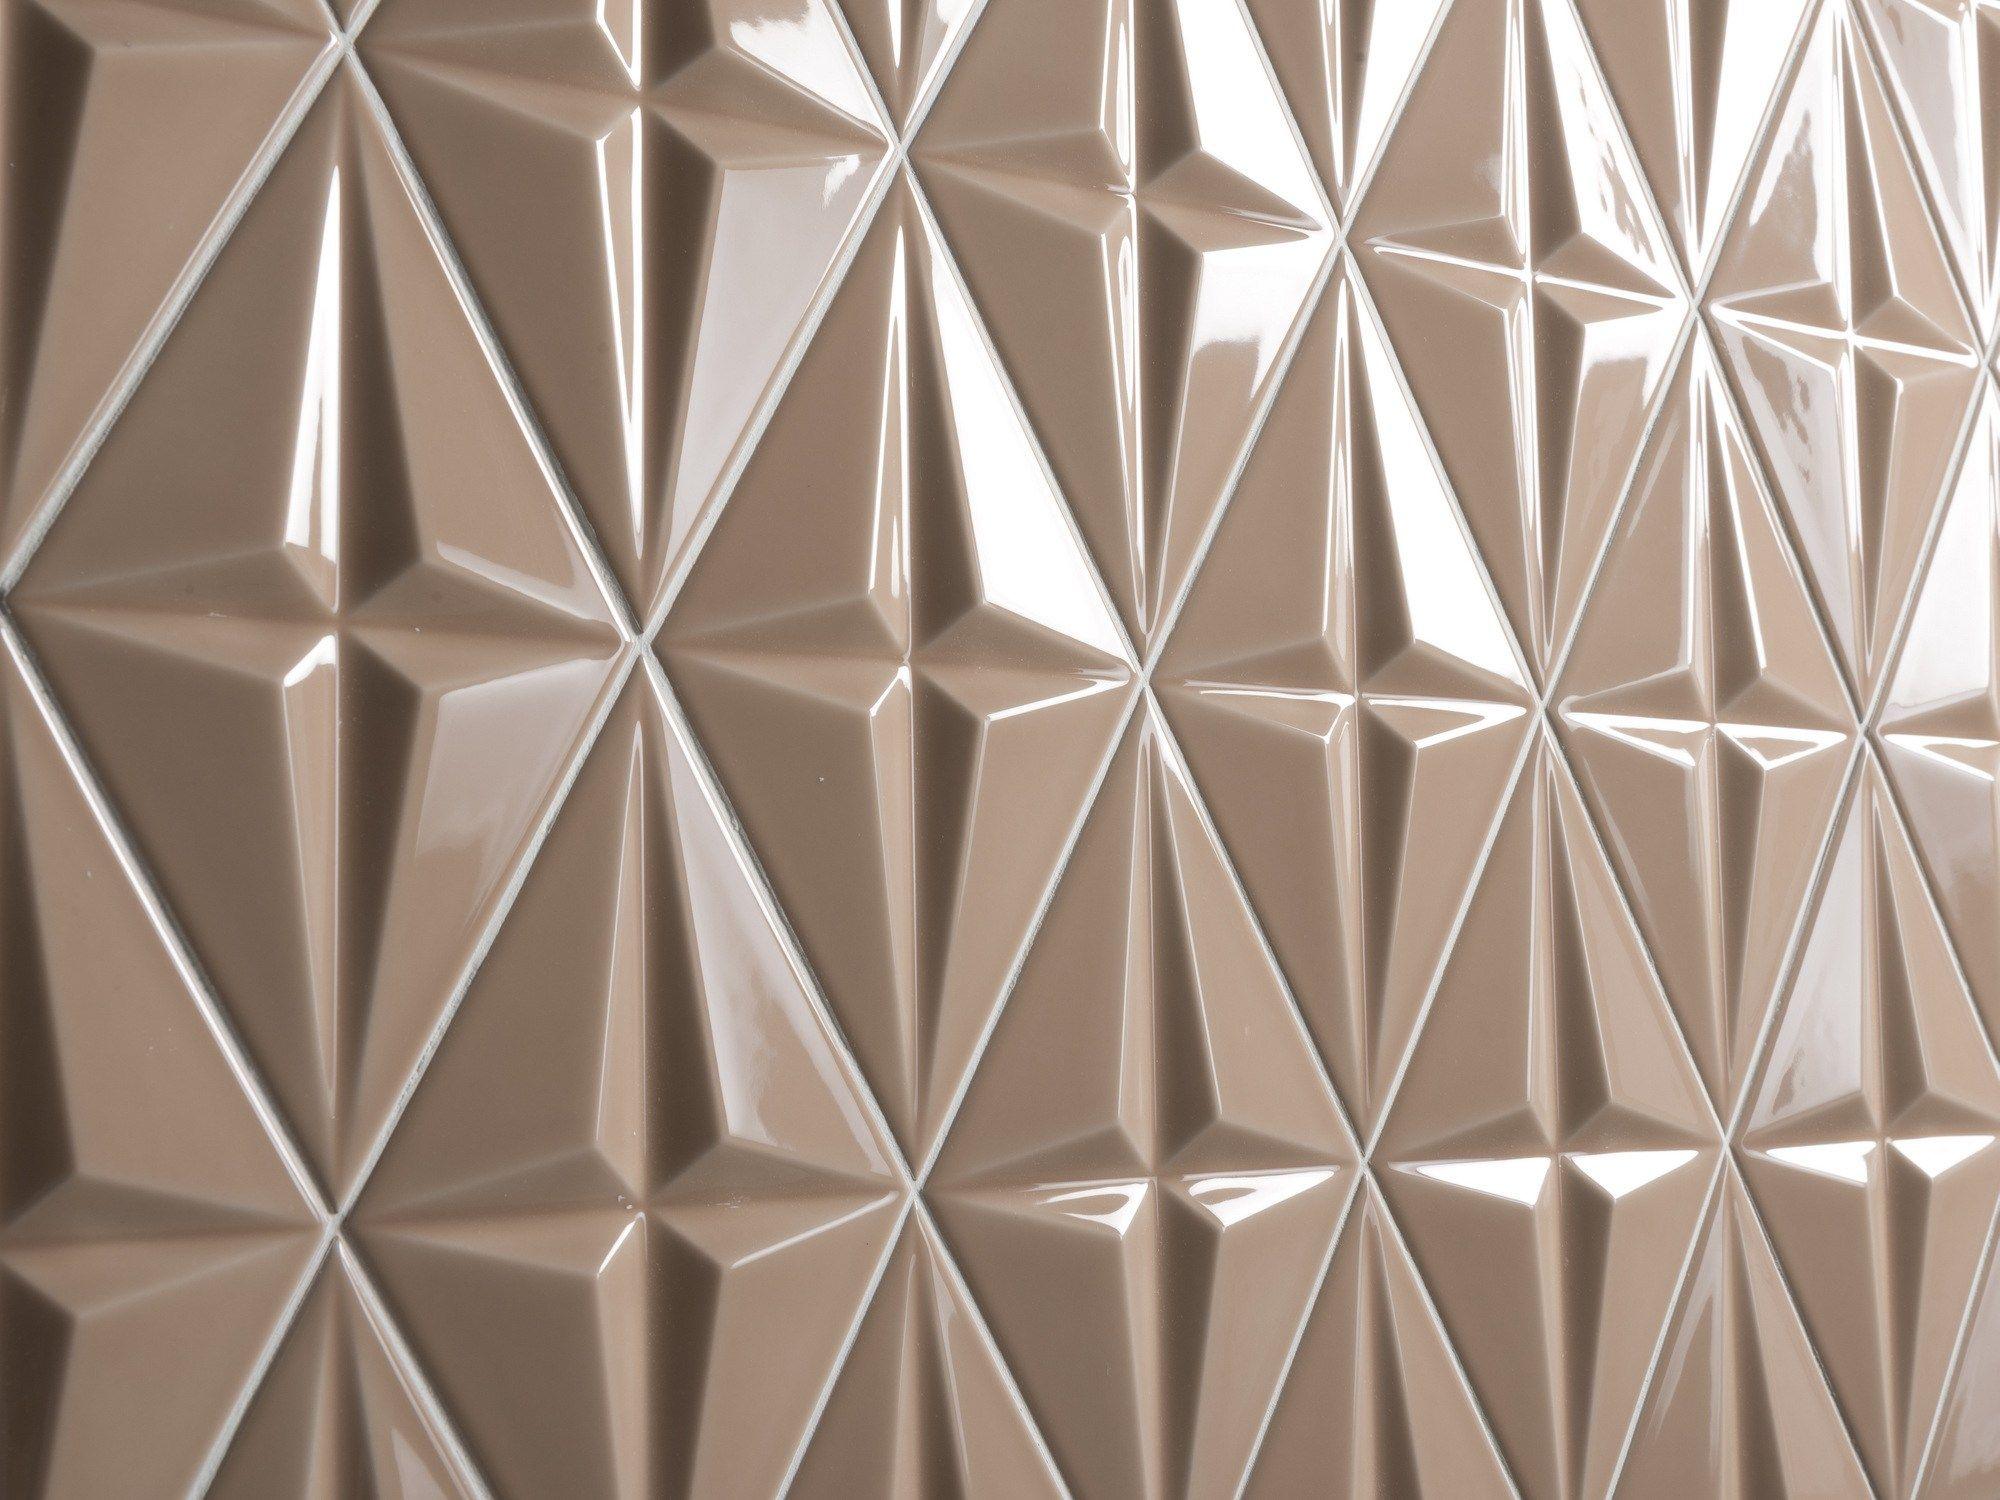 Piastrelle con superficie tridimensionale modulare in ceramica bicottura per interni concetto - Piastrelle etruria prezzi ...